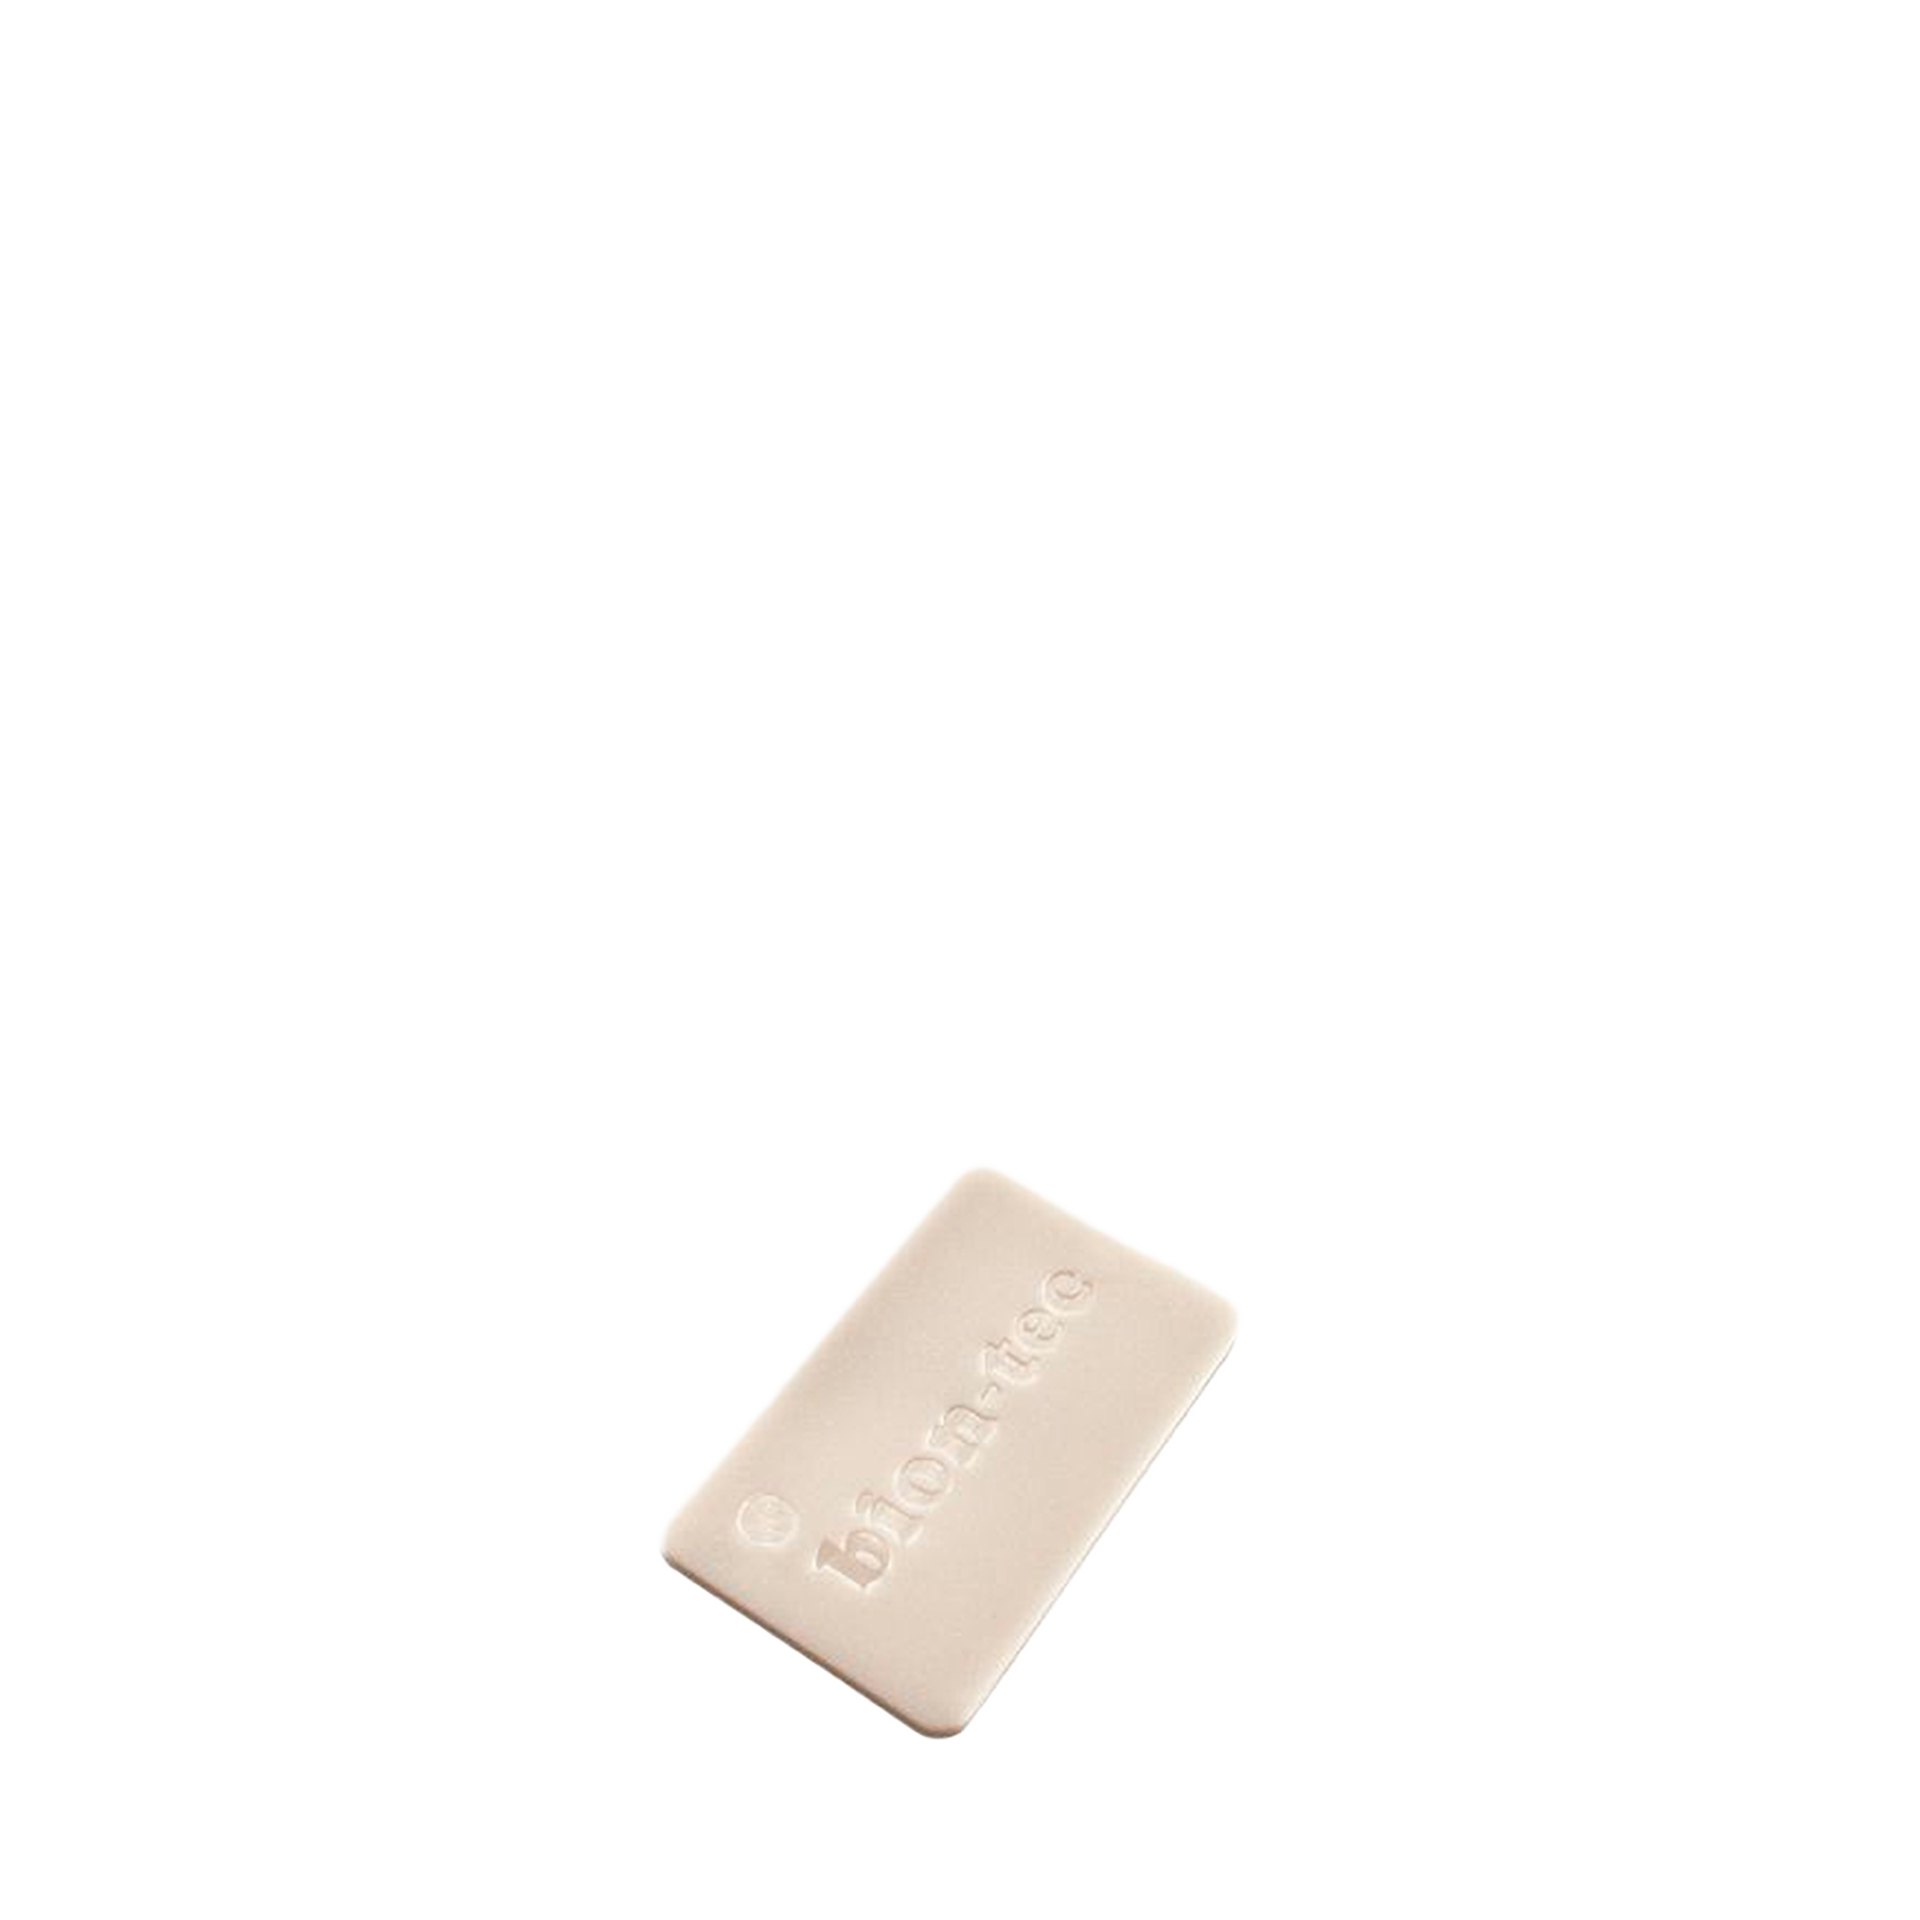 bion-pad Gr. 1, 4 x 2,5 cm